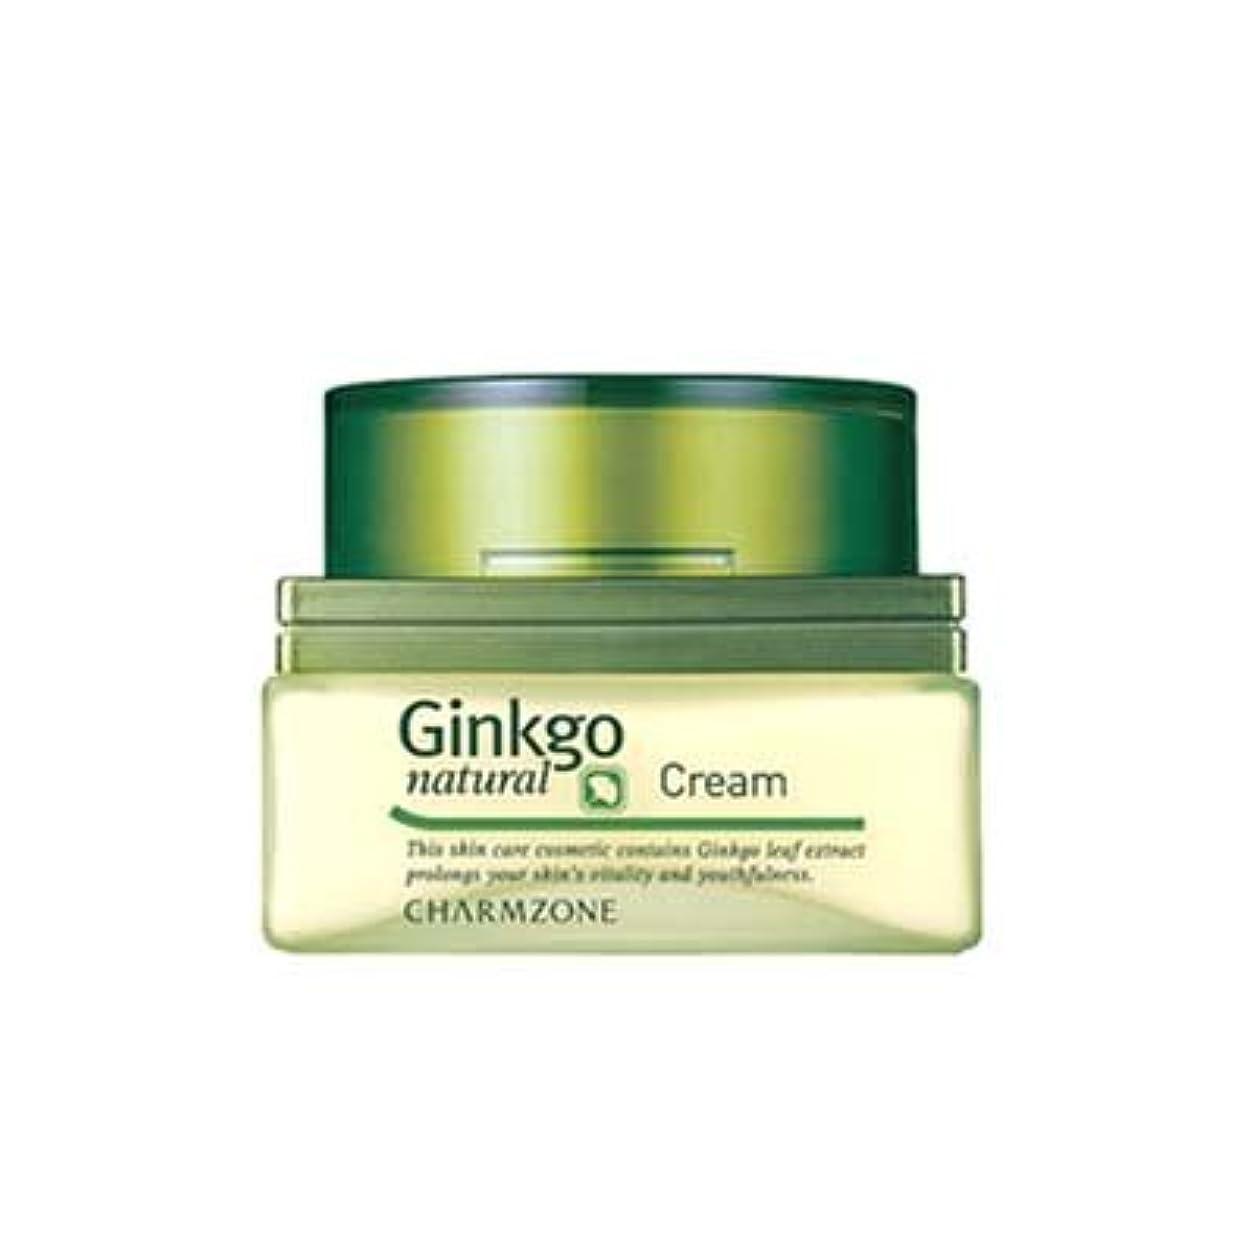 お客様雪ホバーチャームゾーン Ginkgo natural (ジンコナチュラル) クリーム 60ml